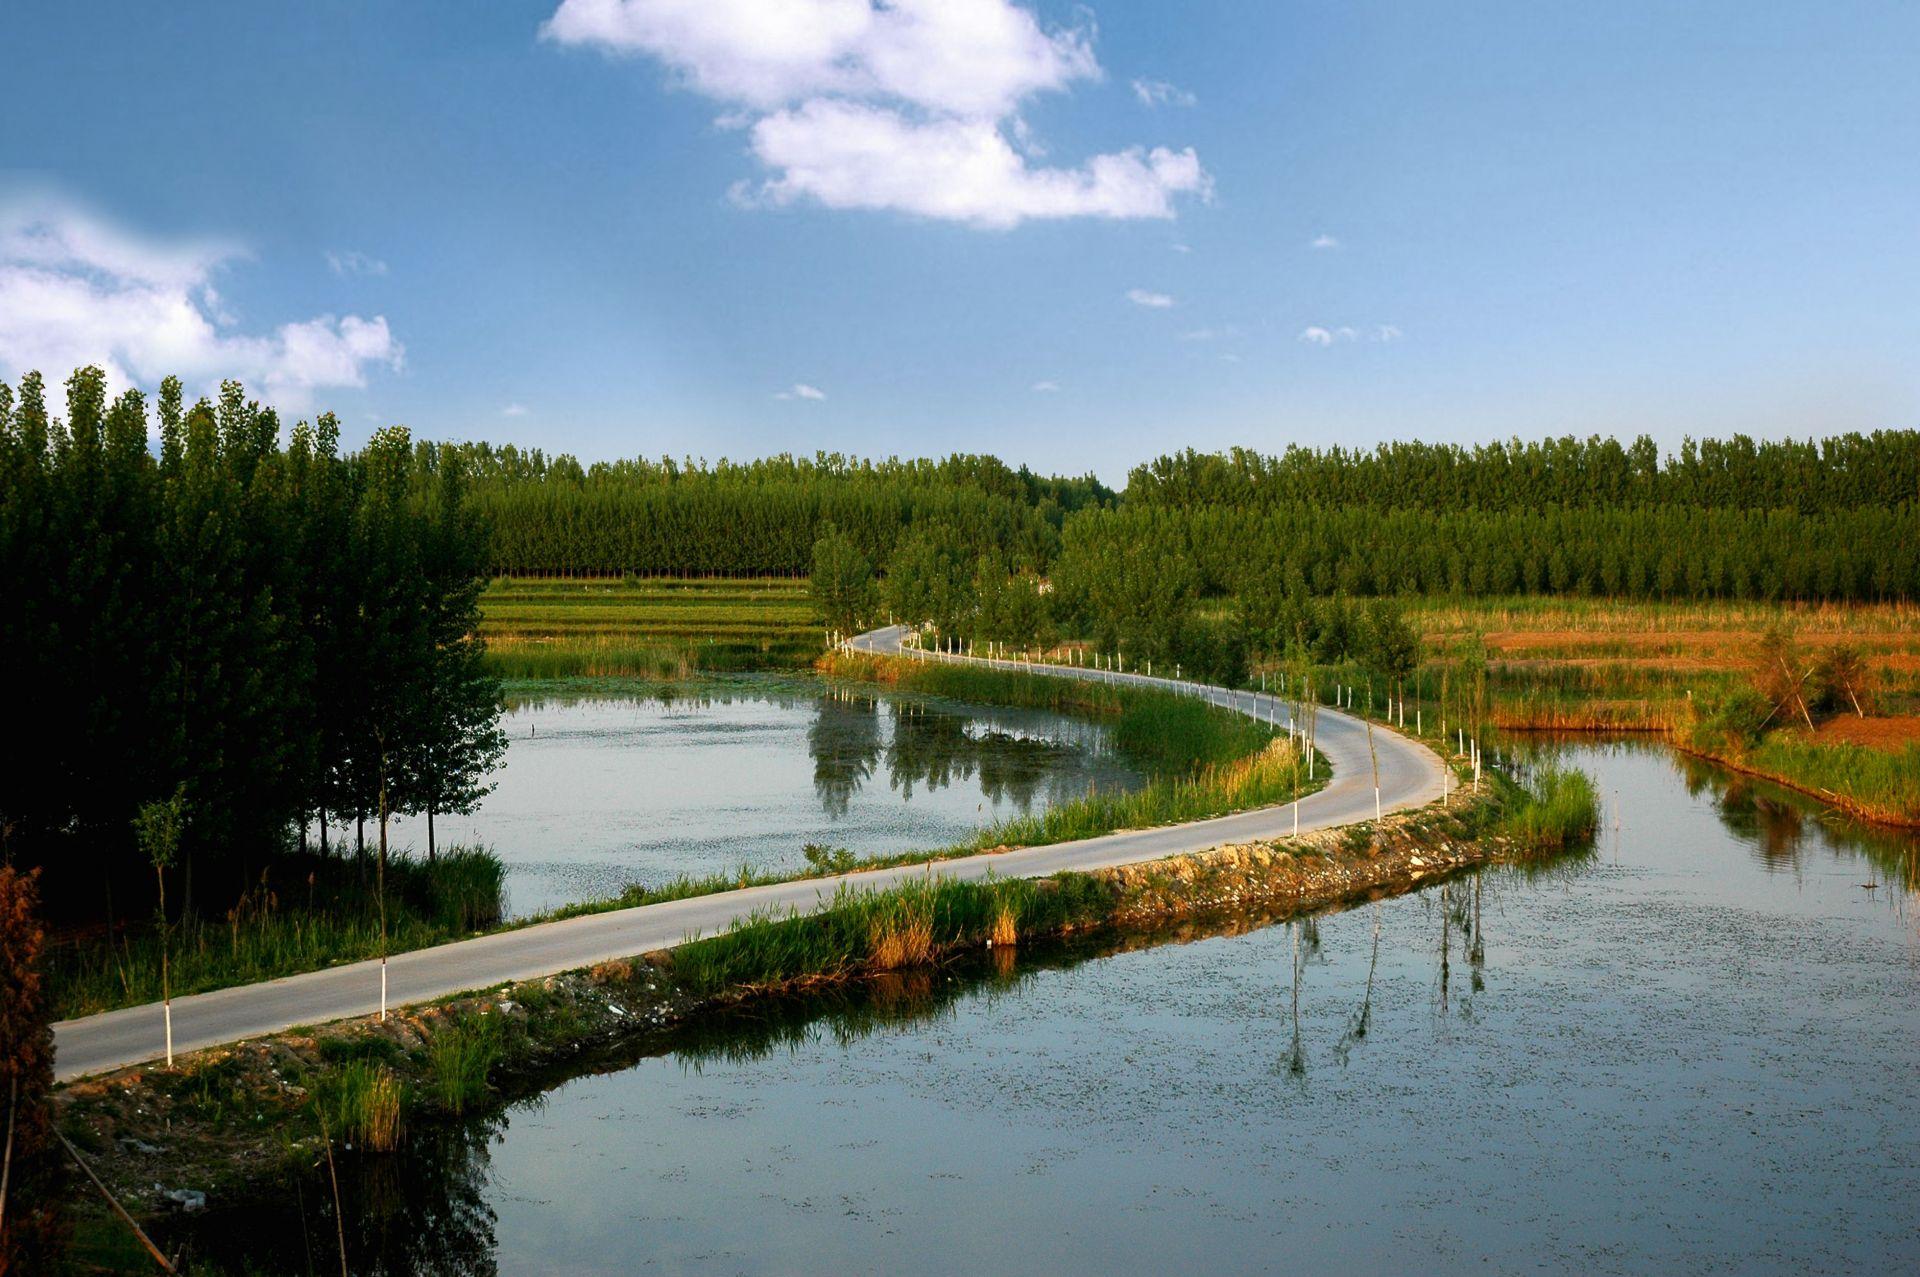 鳥類數由年平均3000增至15000余只!襄陽漢江國家濕地公園生態修復成效明顯